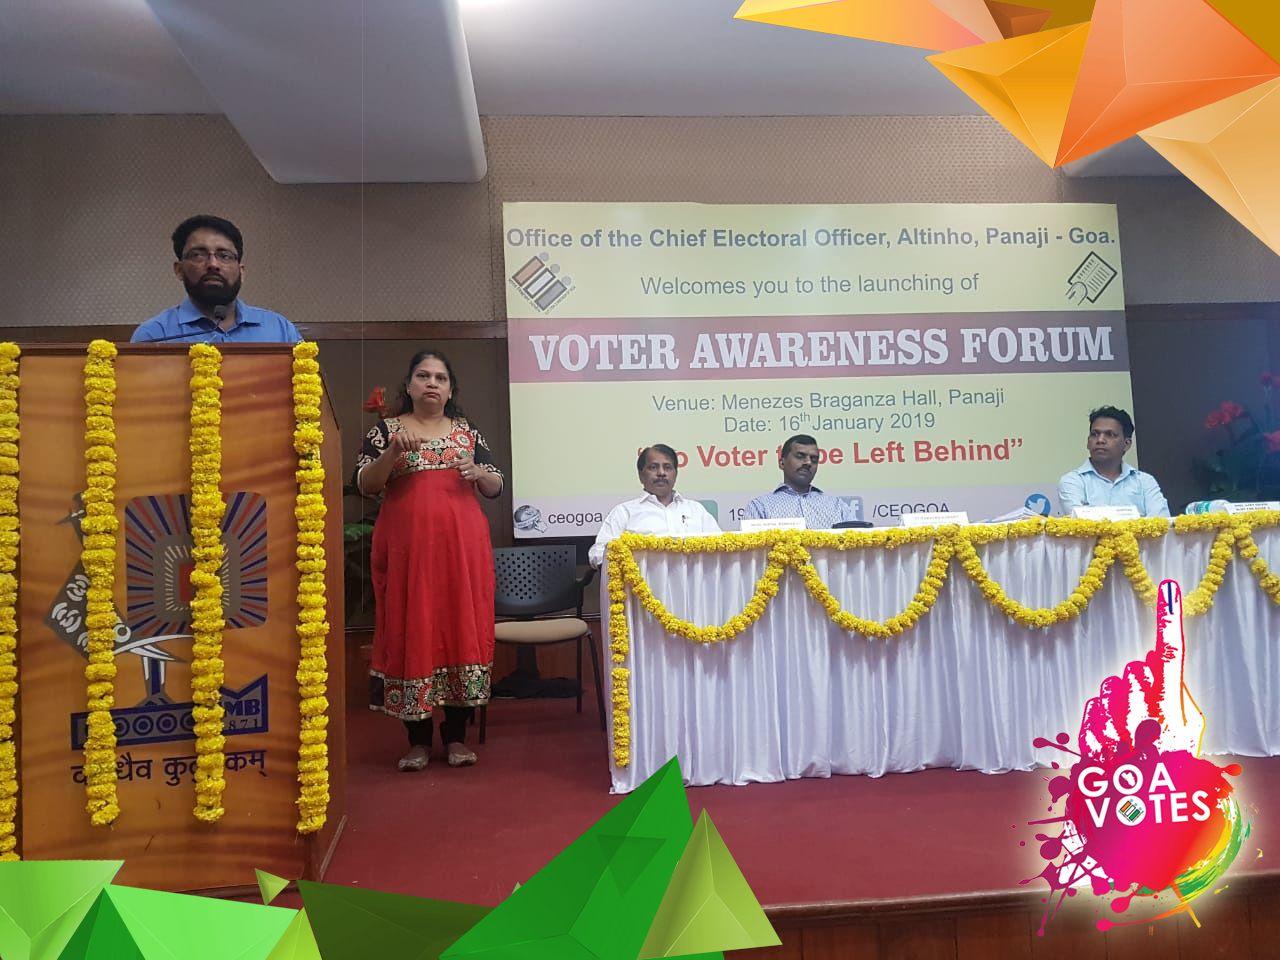 Voter Awareness Forum